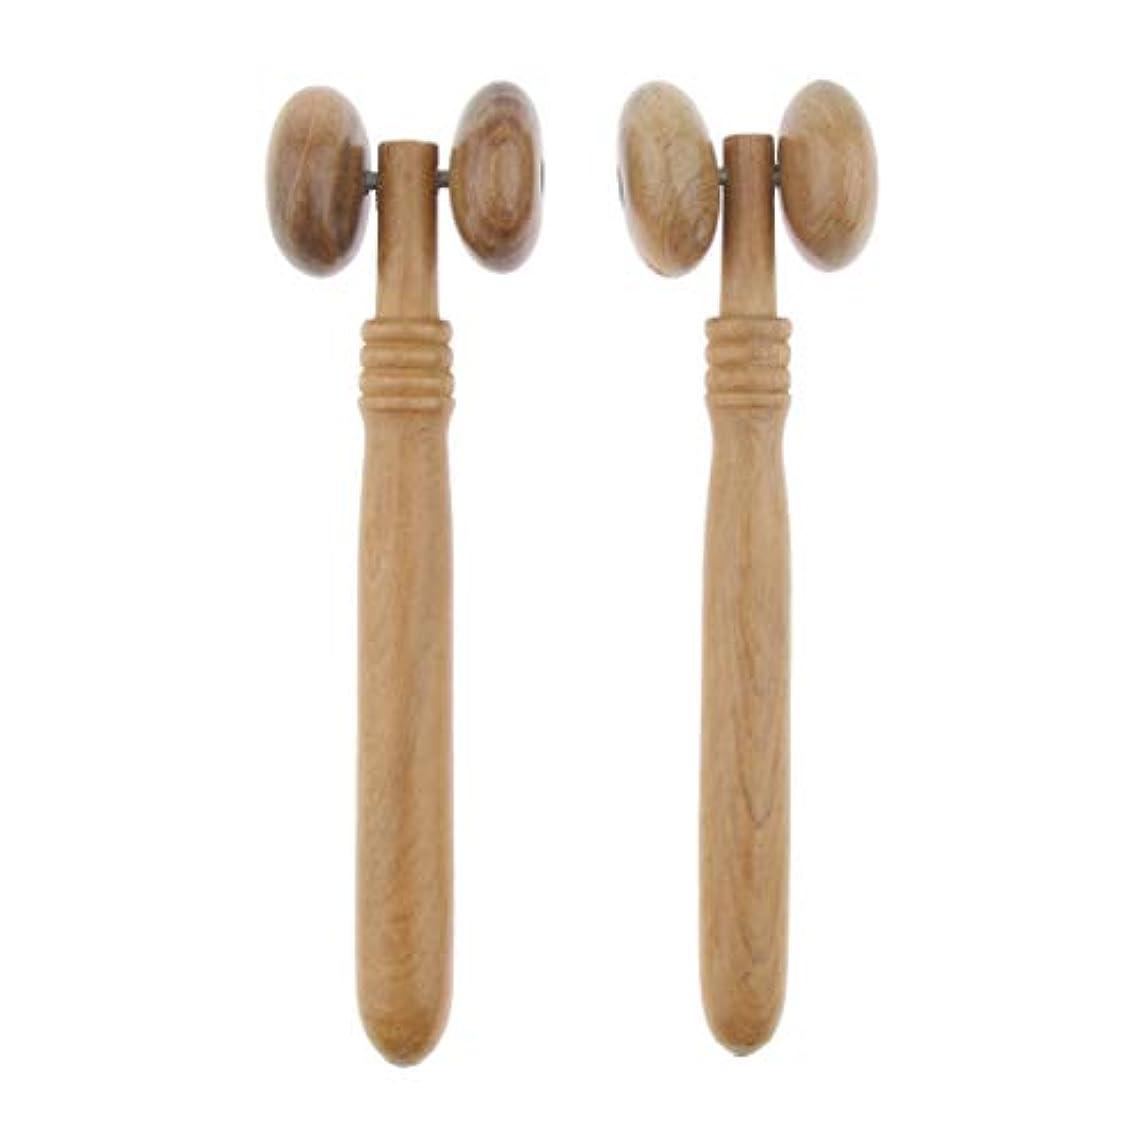 美容師ヘッドレス永久にフェイスローラー マッサージャー 木製 按摩器 手動式 首 顔 ネック ボディ 多機能 使いやすい